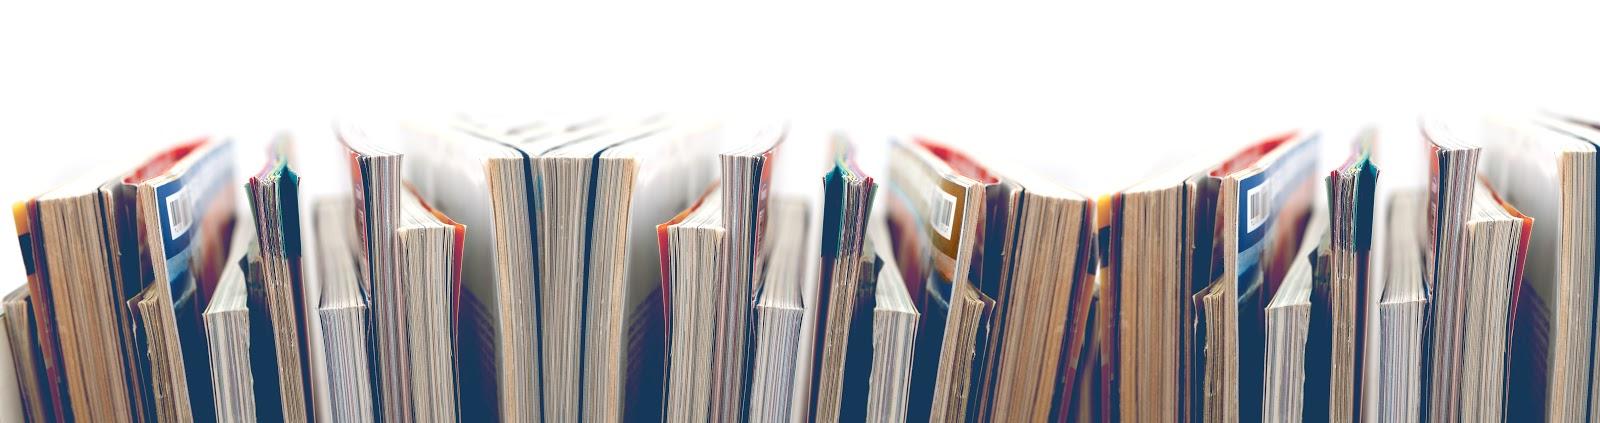 Navigieren der Komplexität von PCB-Bauteilbibliotheken und Datenverwaltung.